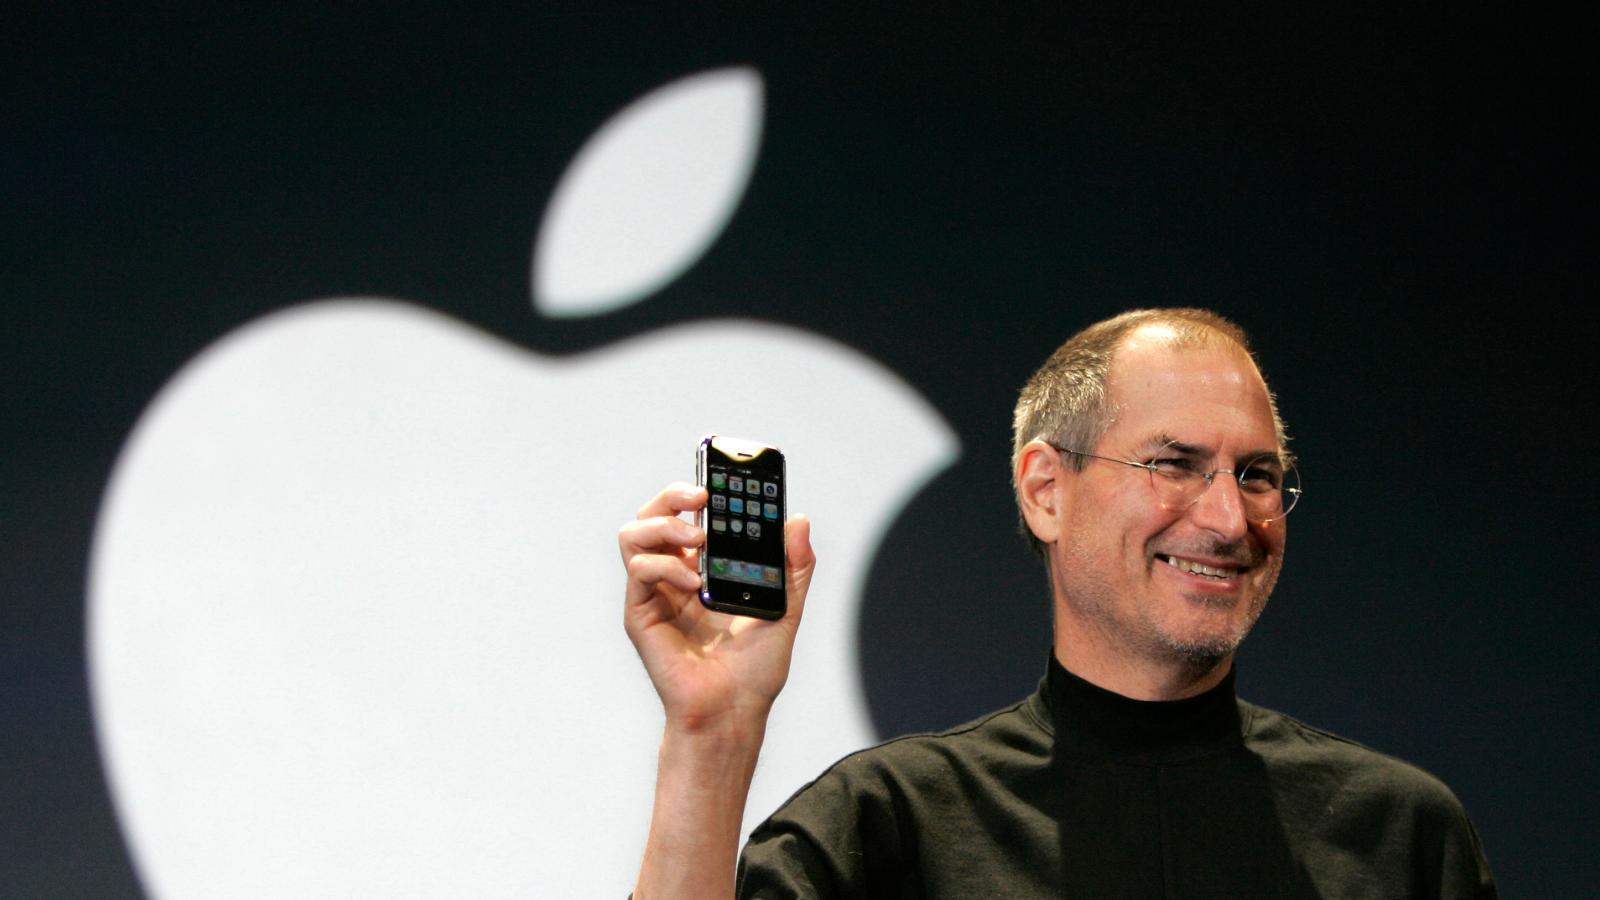 روزی تاریخی برای اپل؛ ۱۴ سال پیش اولین آیفون وارد بازار شد